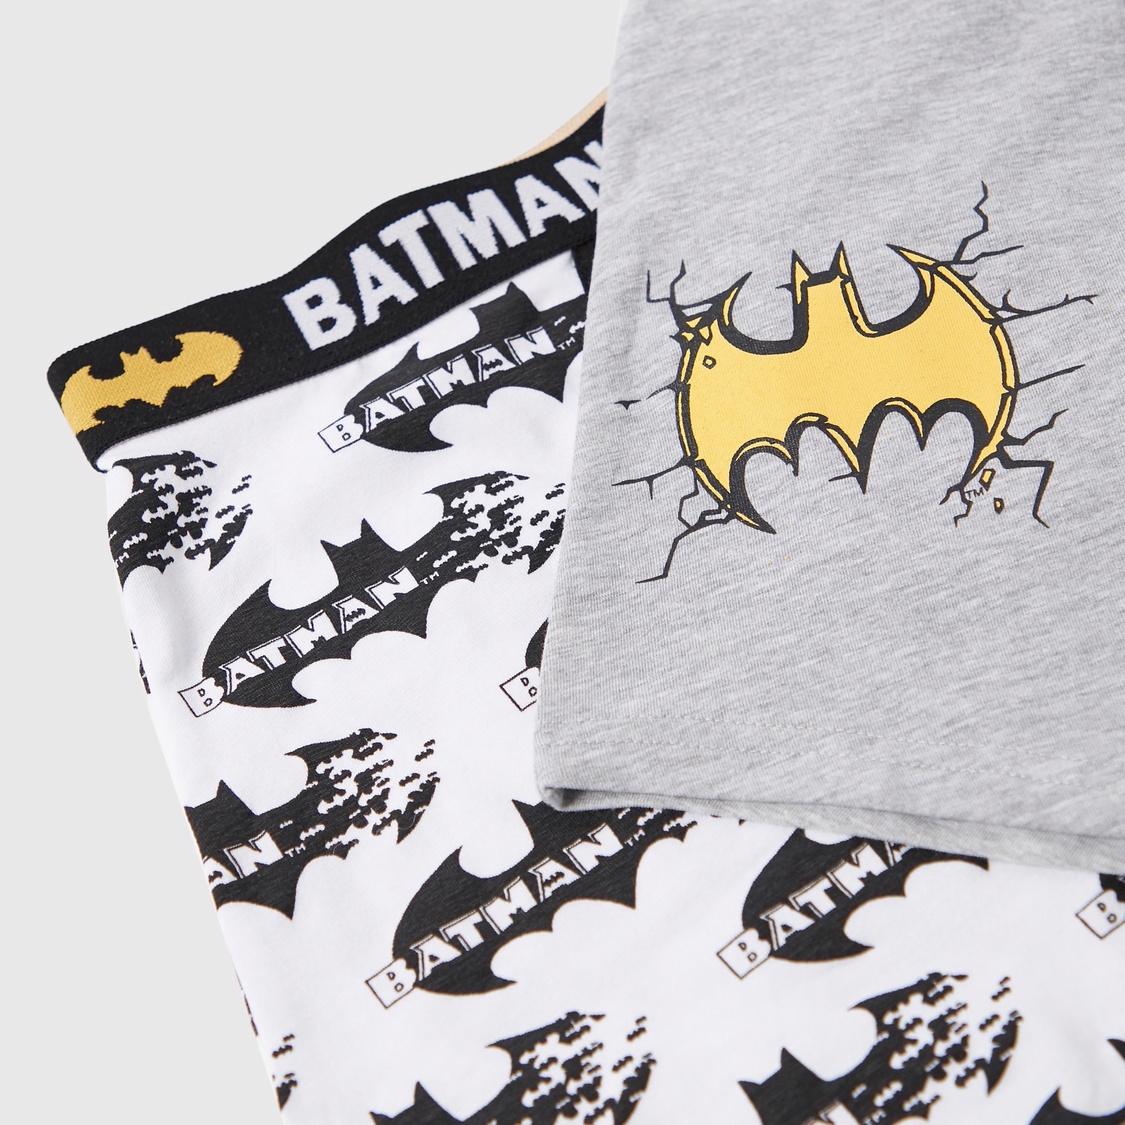 سراويل داخلية ترانك بخصر مطاطي وطبعات جرافيك باتمان - مجموعة من قطعتين